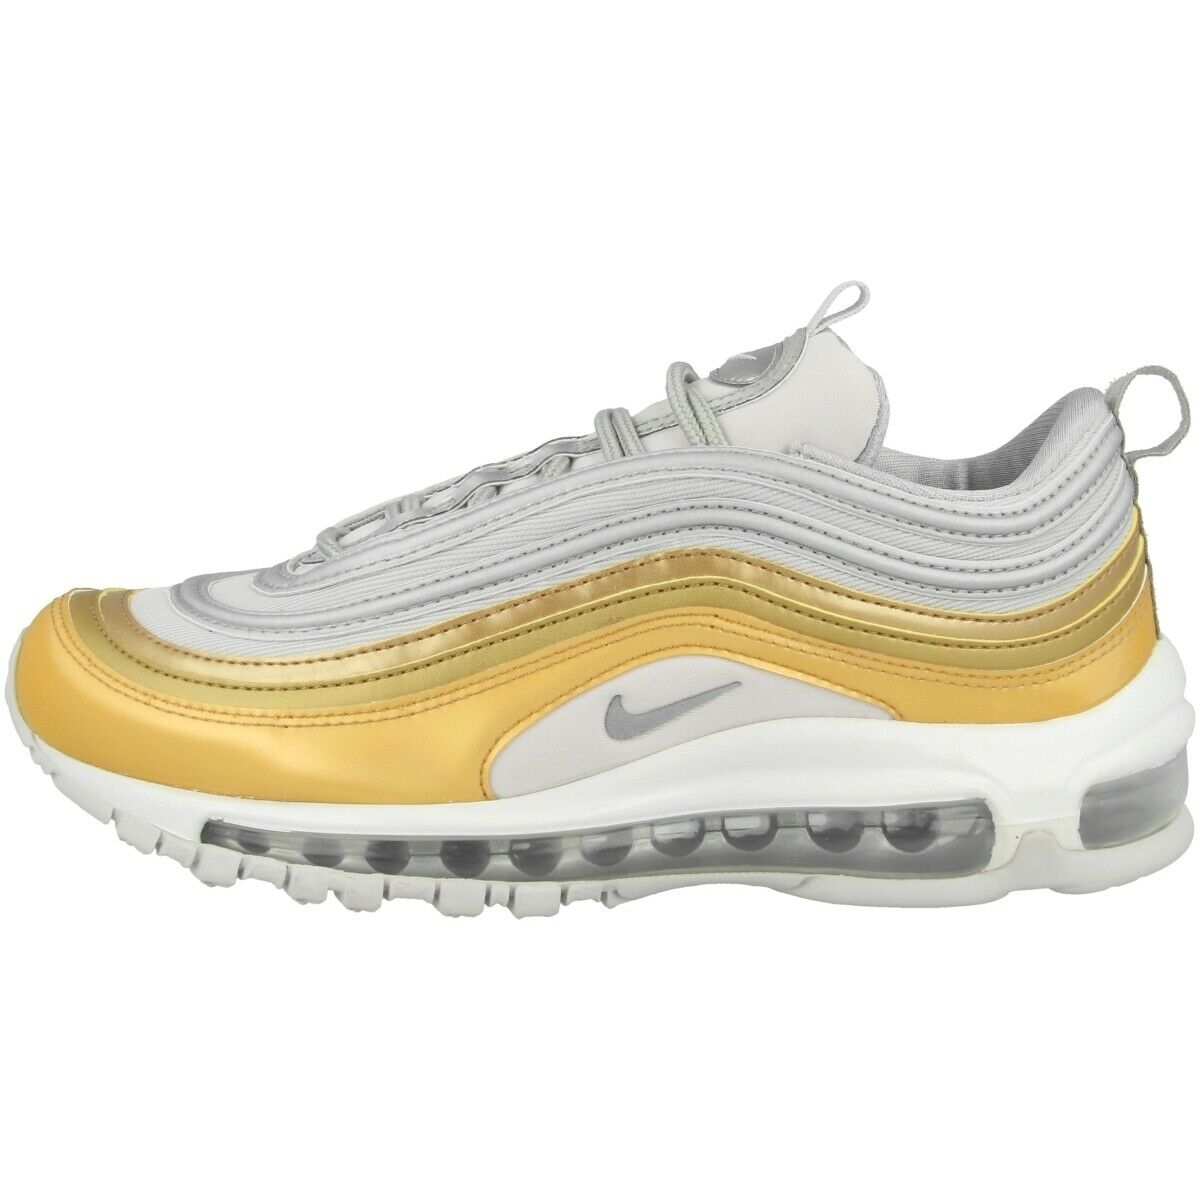 Nike air Max 97 SE Gr.38 Course Chaussures Baskets 270 Doré Argent Aq4137 001